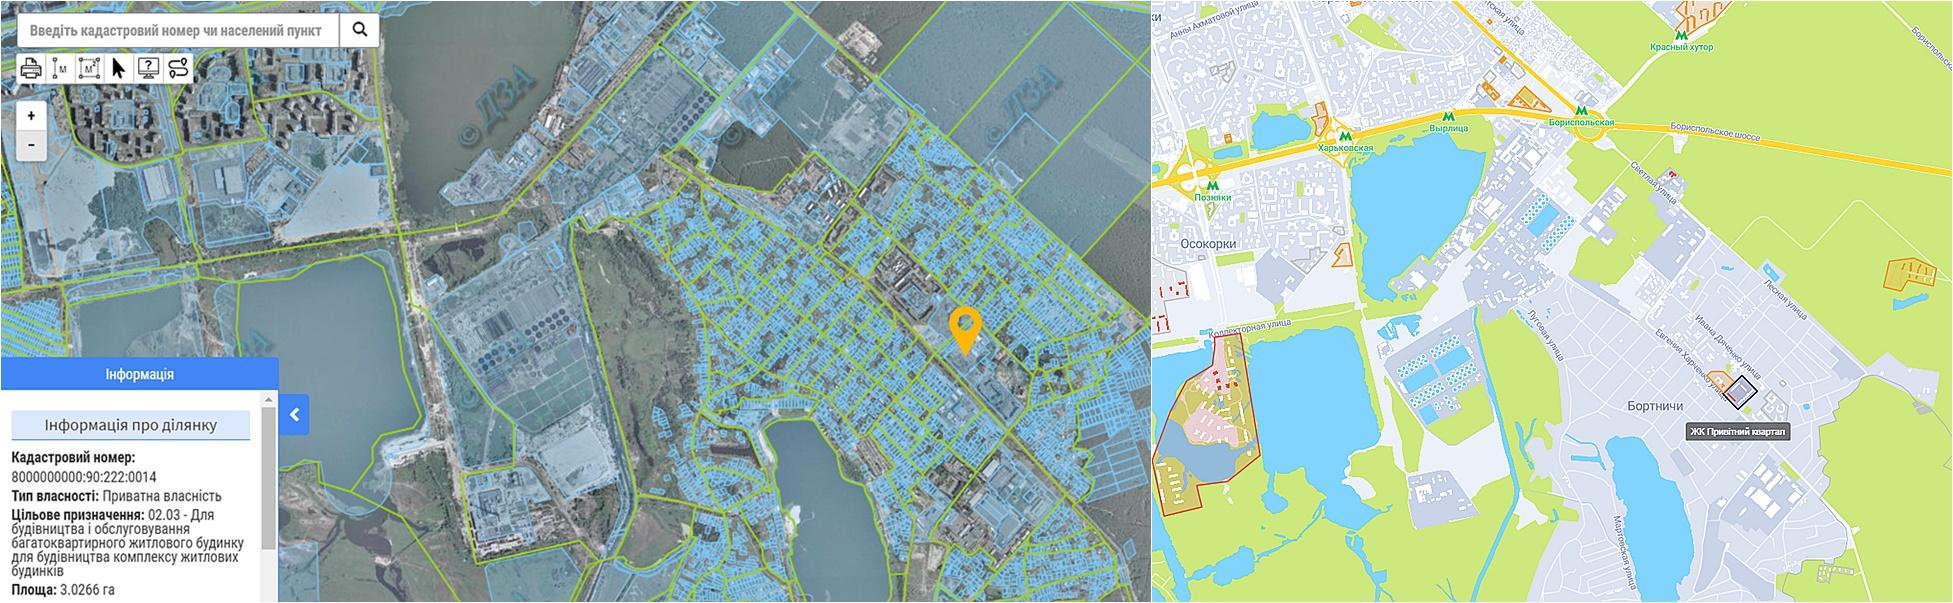 ЖК Привитный квартал новая очередь данные кадастра и на карте